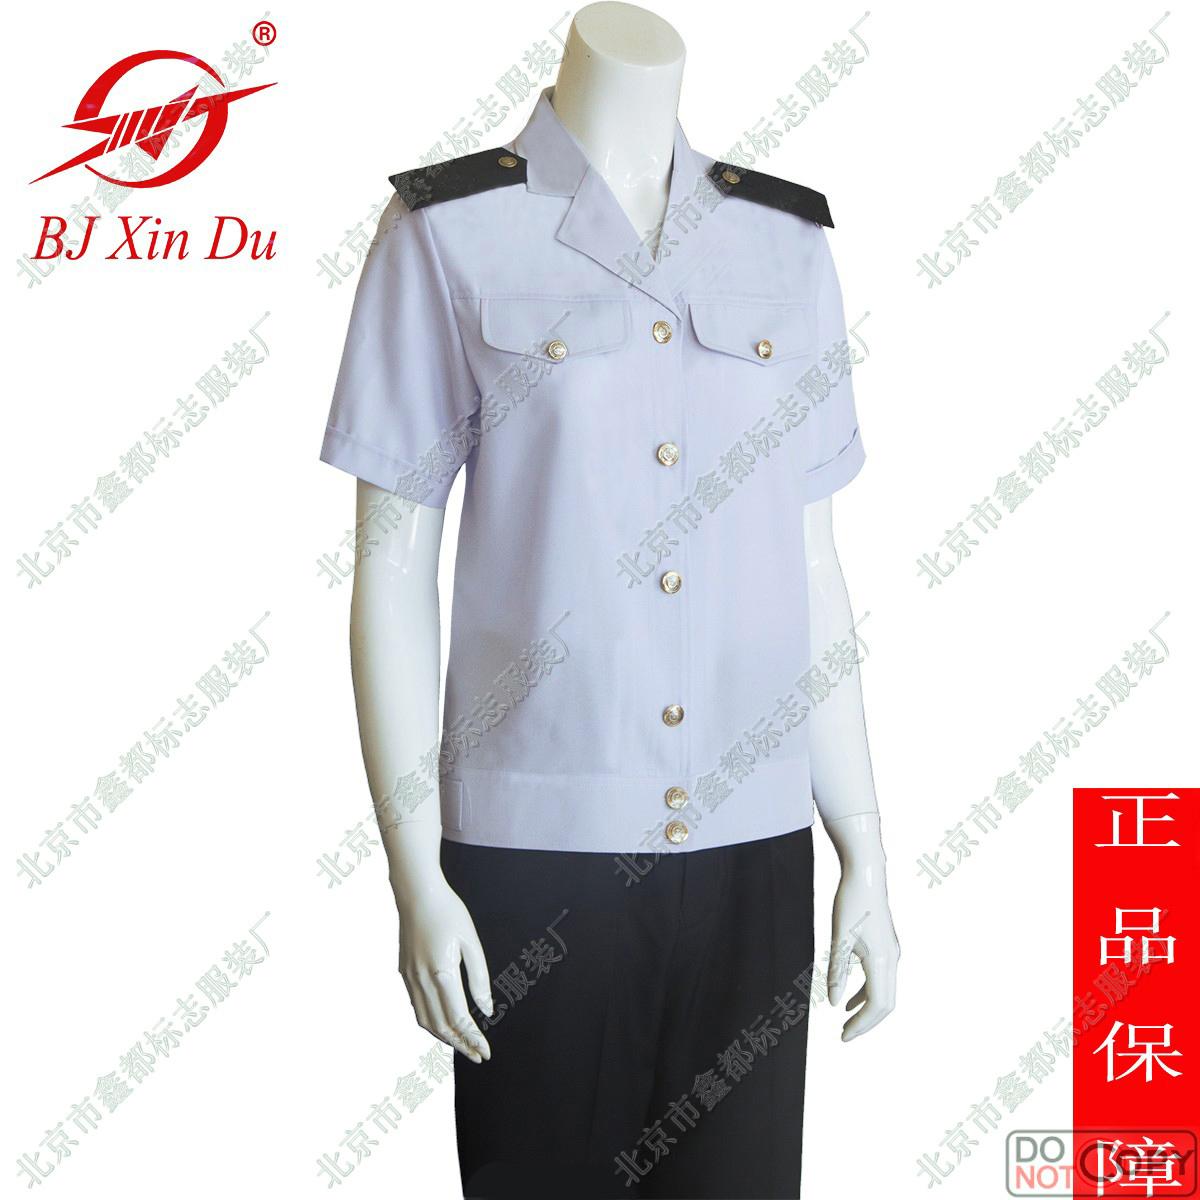 Форменная одежда форменная одежда для сотрудников мвд купить